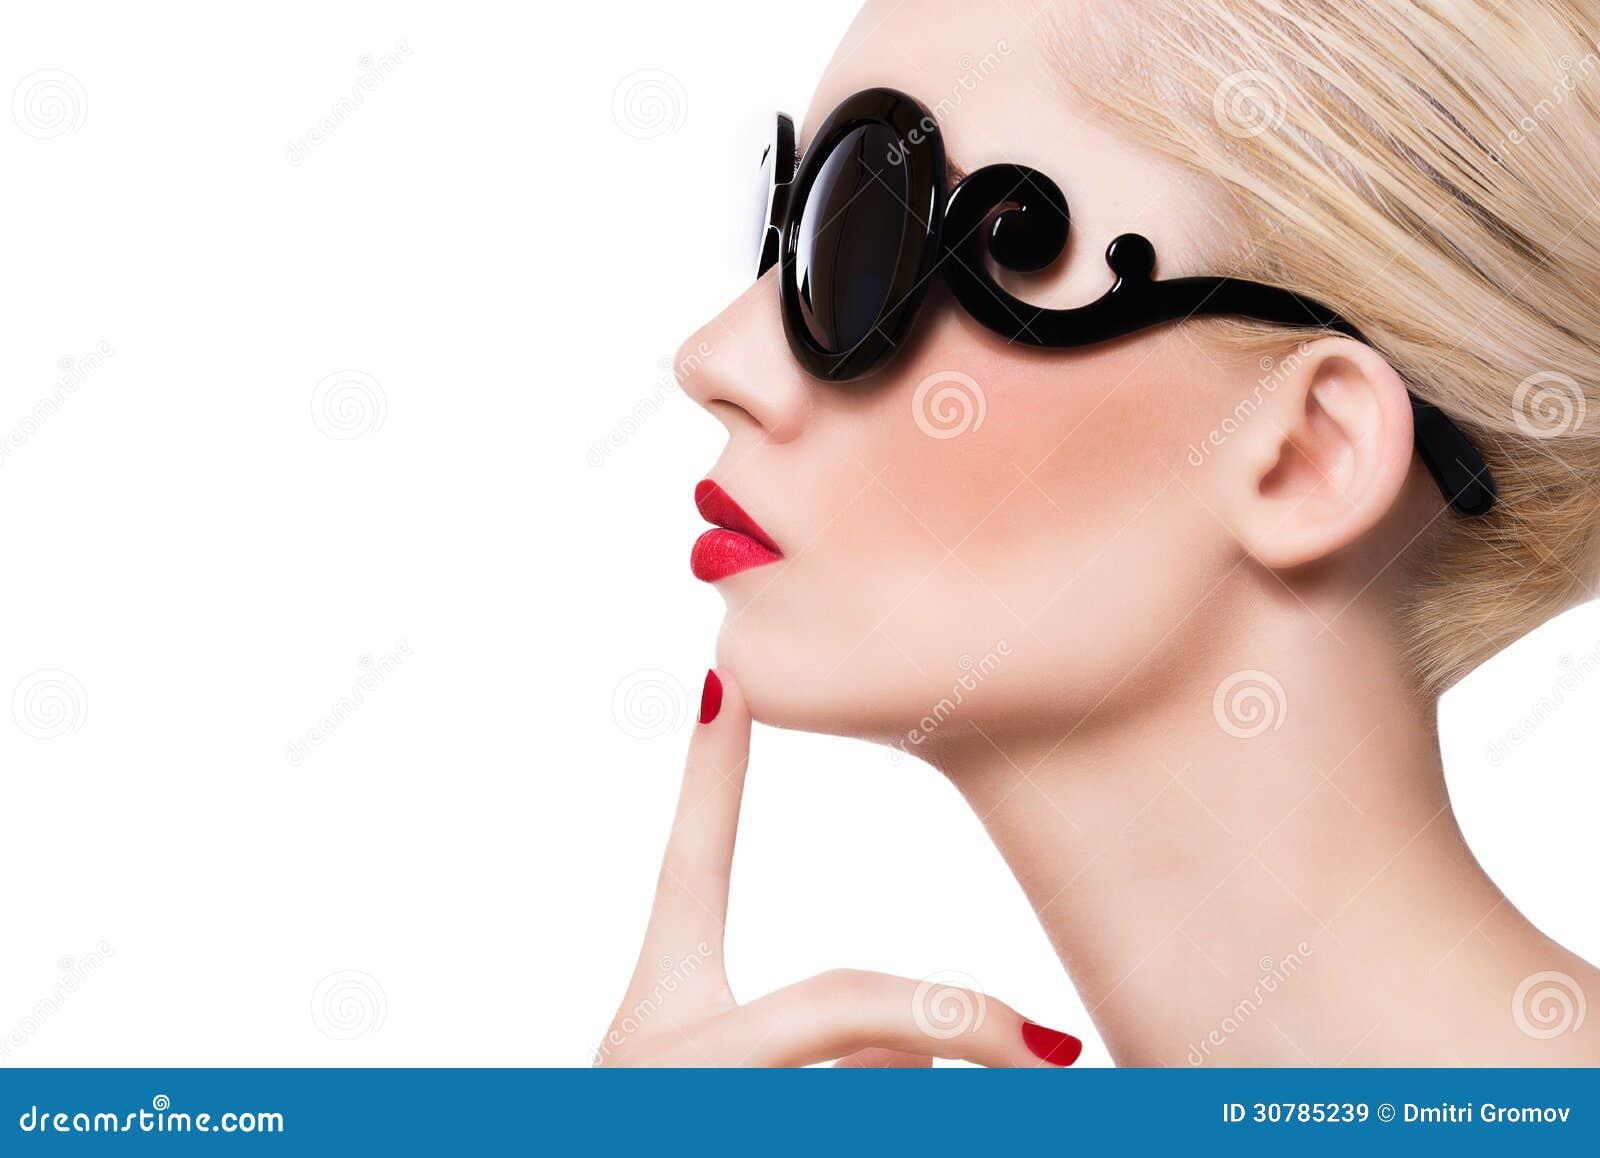 298d097d4f3 Όμορφο ξανθό κορίτσι στα γυαλιά ηλίου με τα κόκκινα χείλια στο άσπρο  υπόβαθρο. Φωτογραφία ...